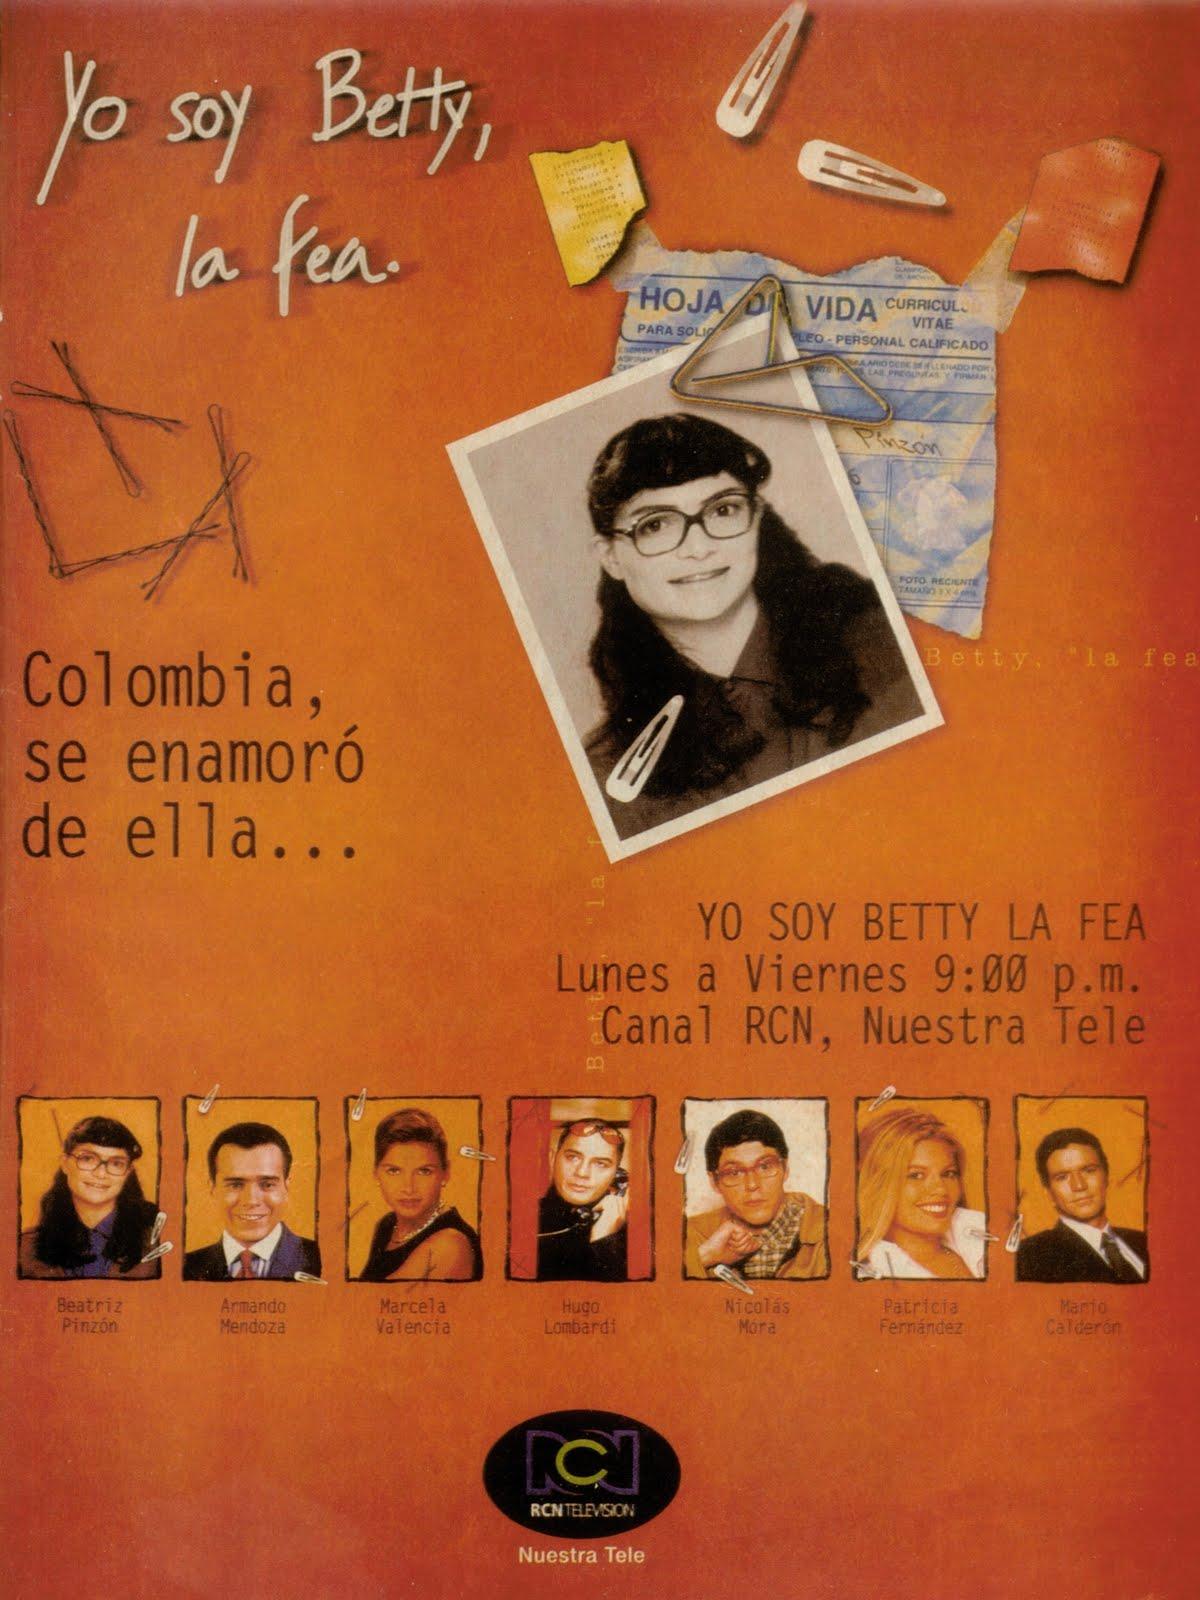 Publicidad Yo soy Betty, la fea 2000 (Impreso)